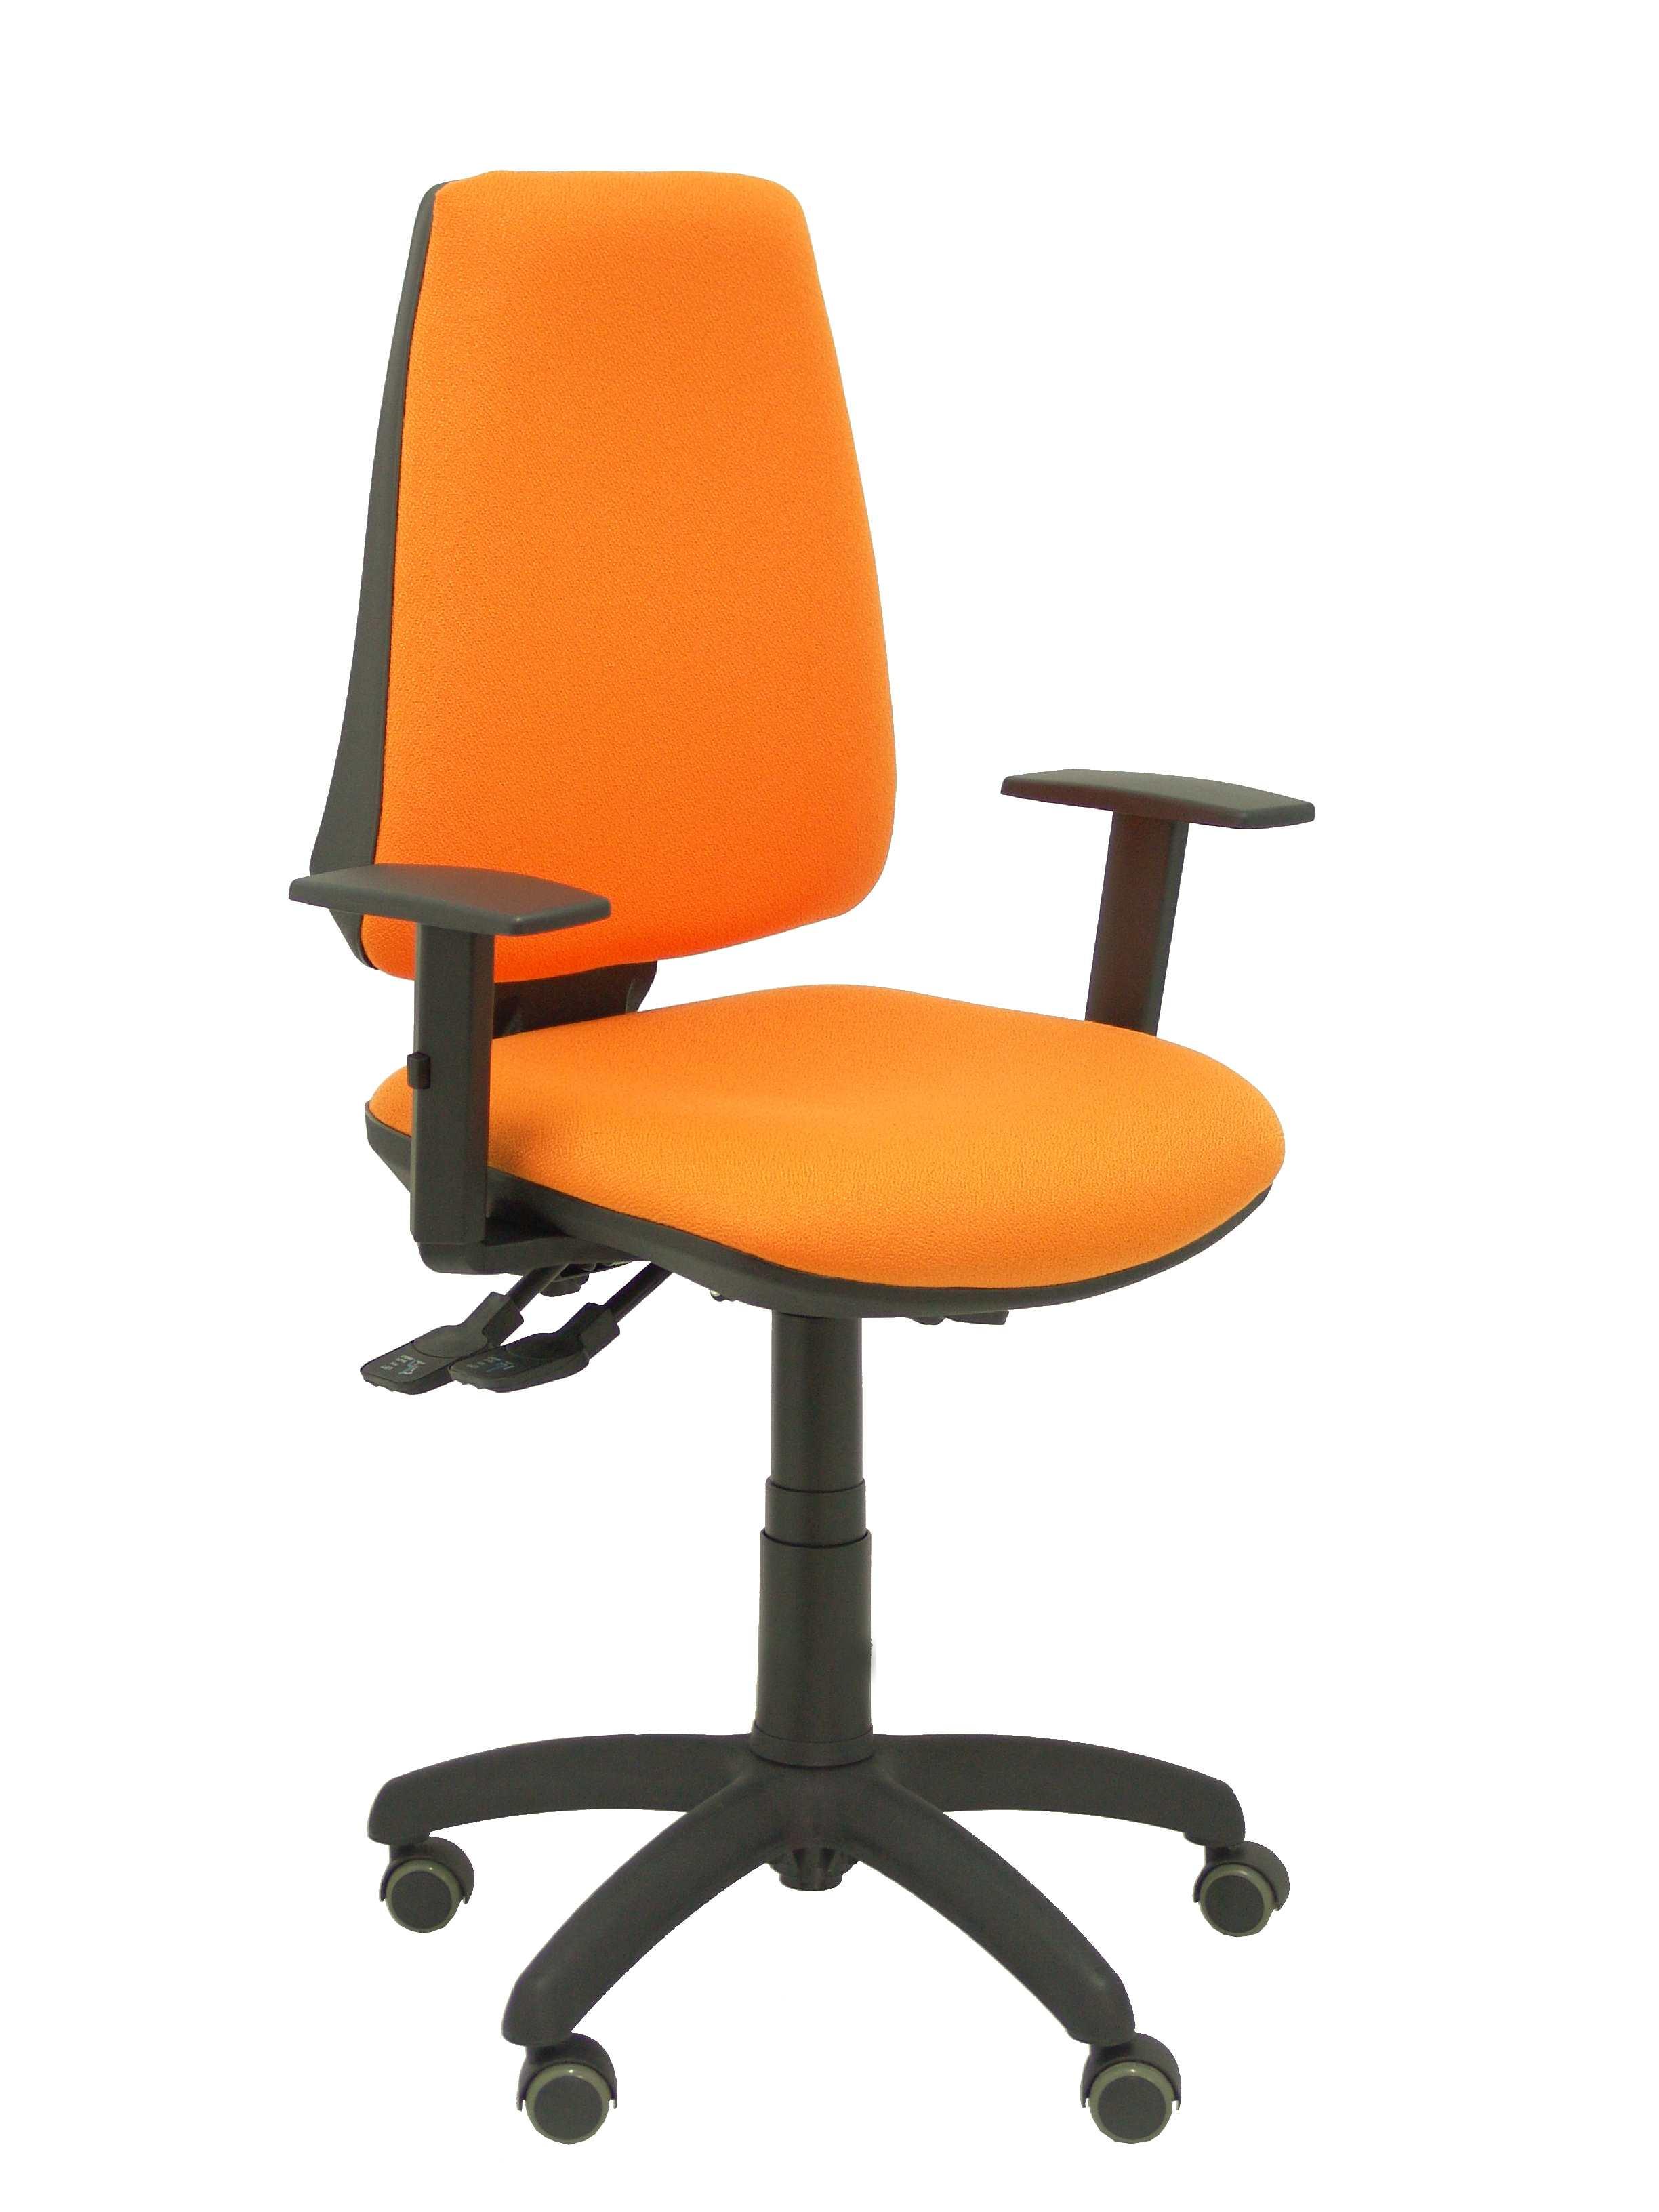 Silla Elche S bali naranja brazos regulables ruedas de parquet